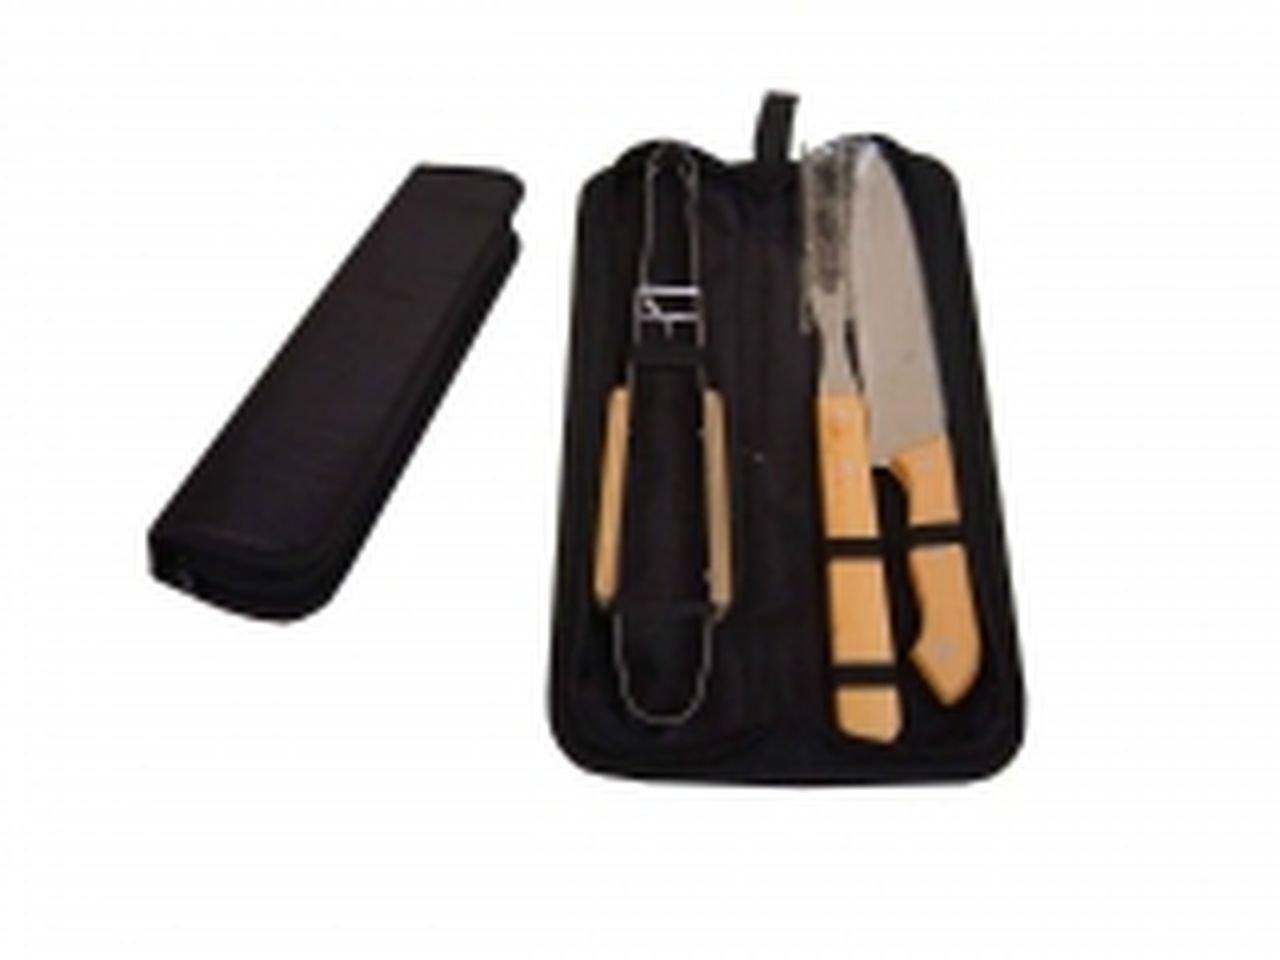 Kit churrasco 3 peças de aço inox e cabo de madeira com estojo de nylon Pontual - P143184